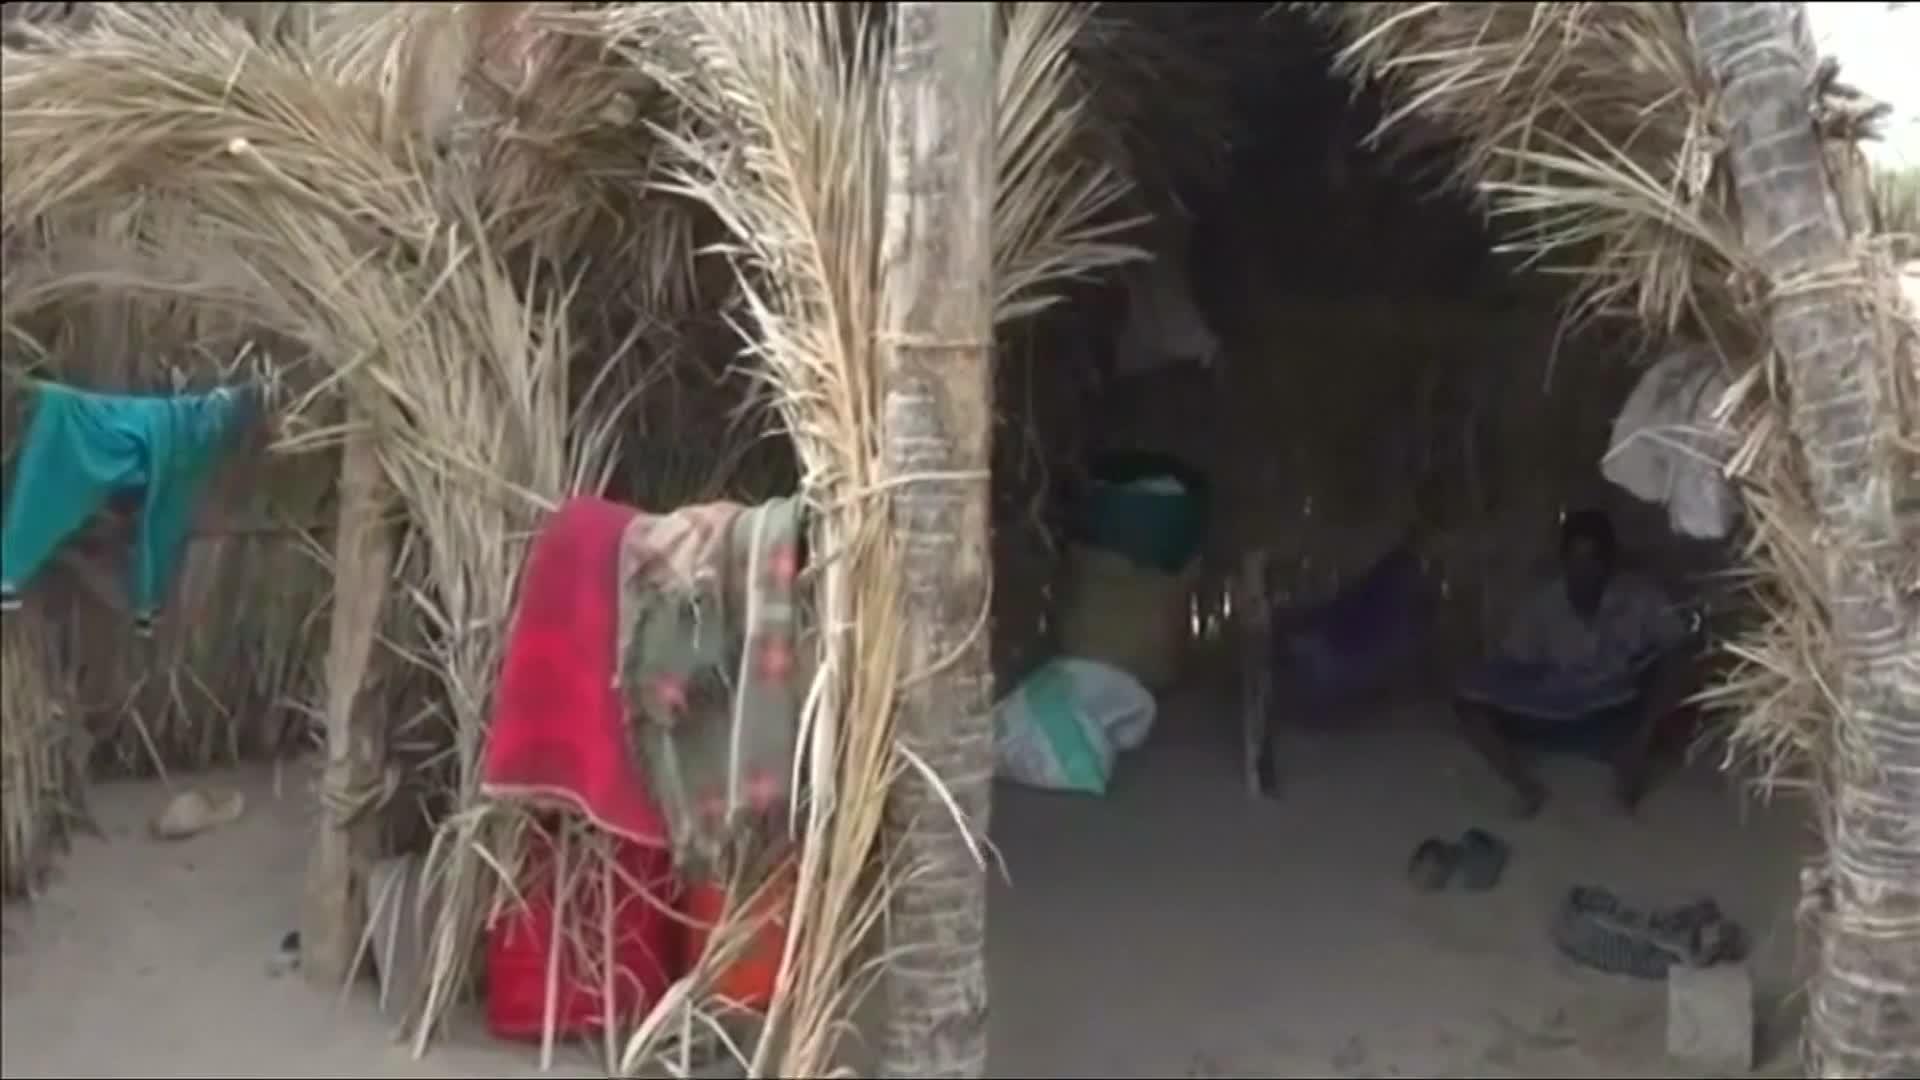 Malnutrition grows in war-ravaged Yemen